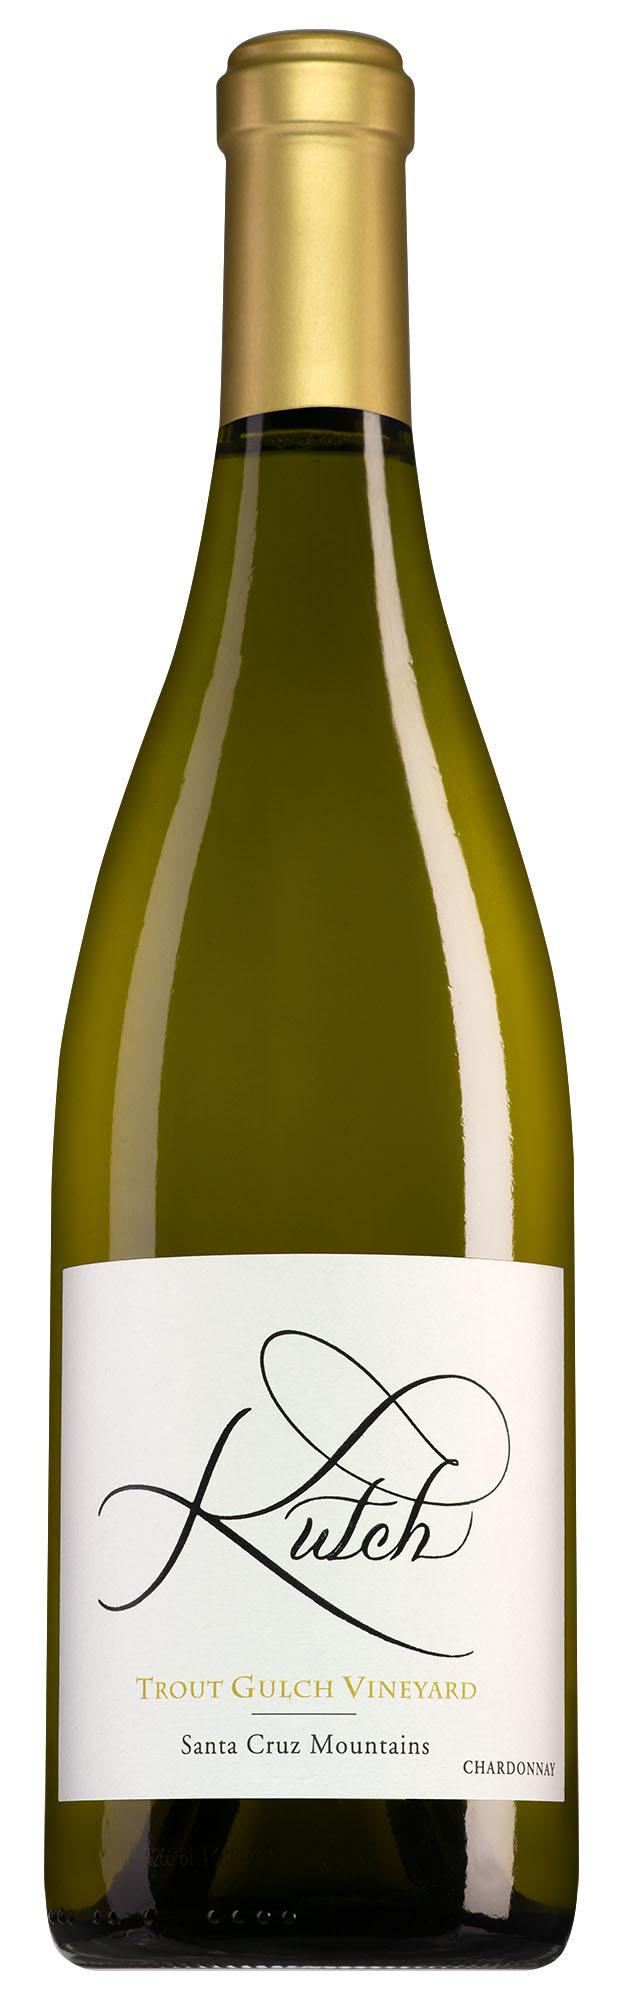 Kutch Santa Cruz Mountains Forellenschlucht Chardonnay 2019